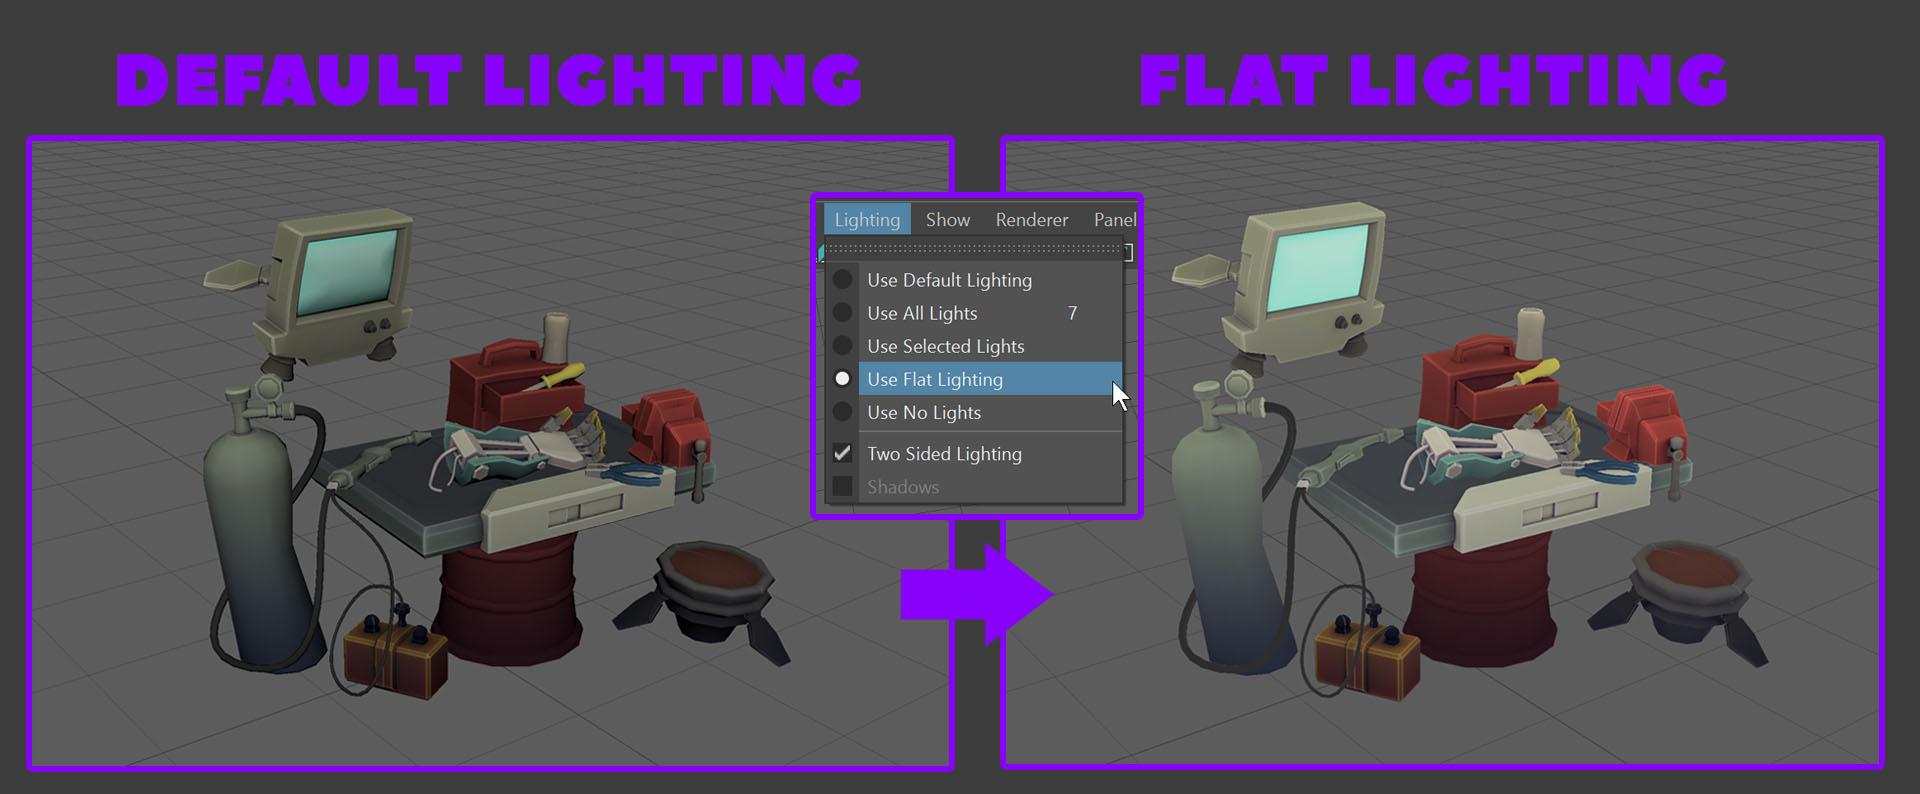 junkyard battle bot lighting